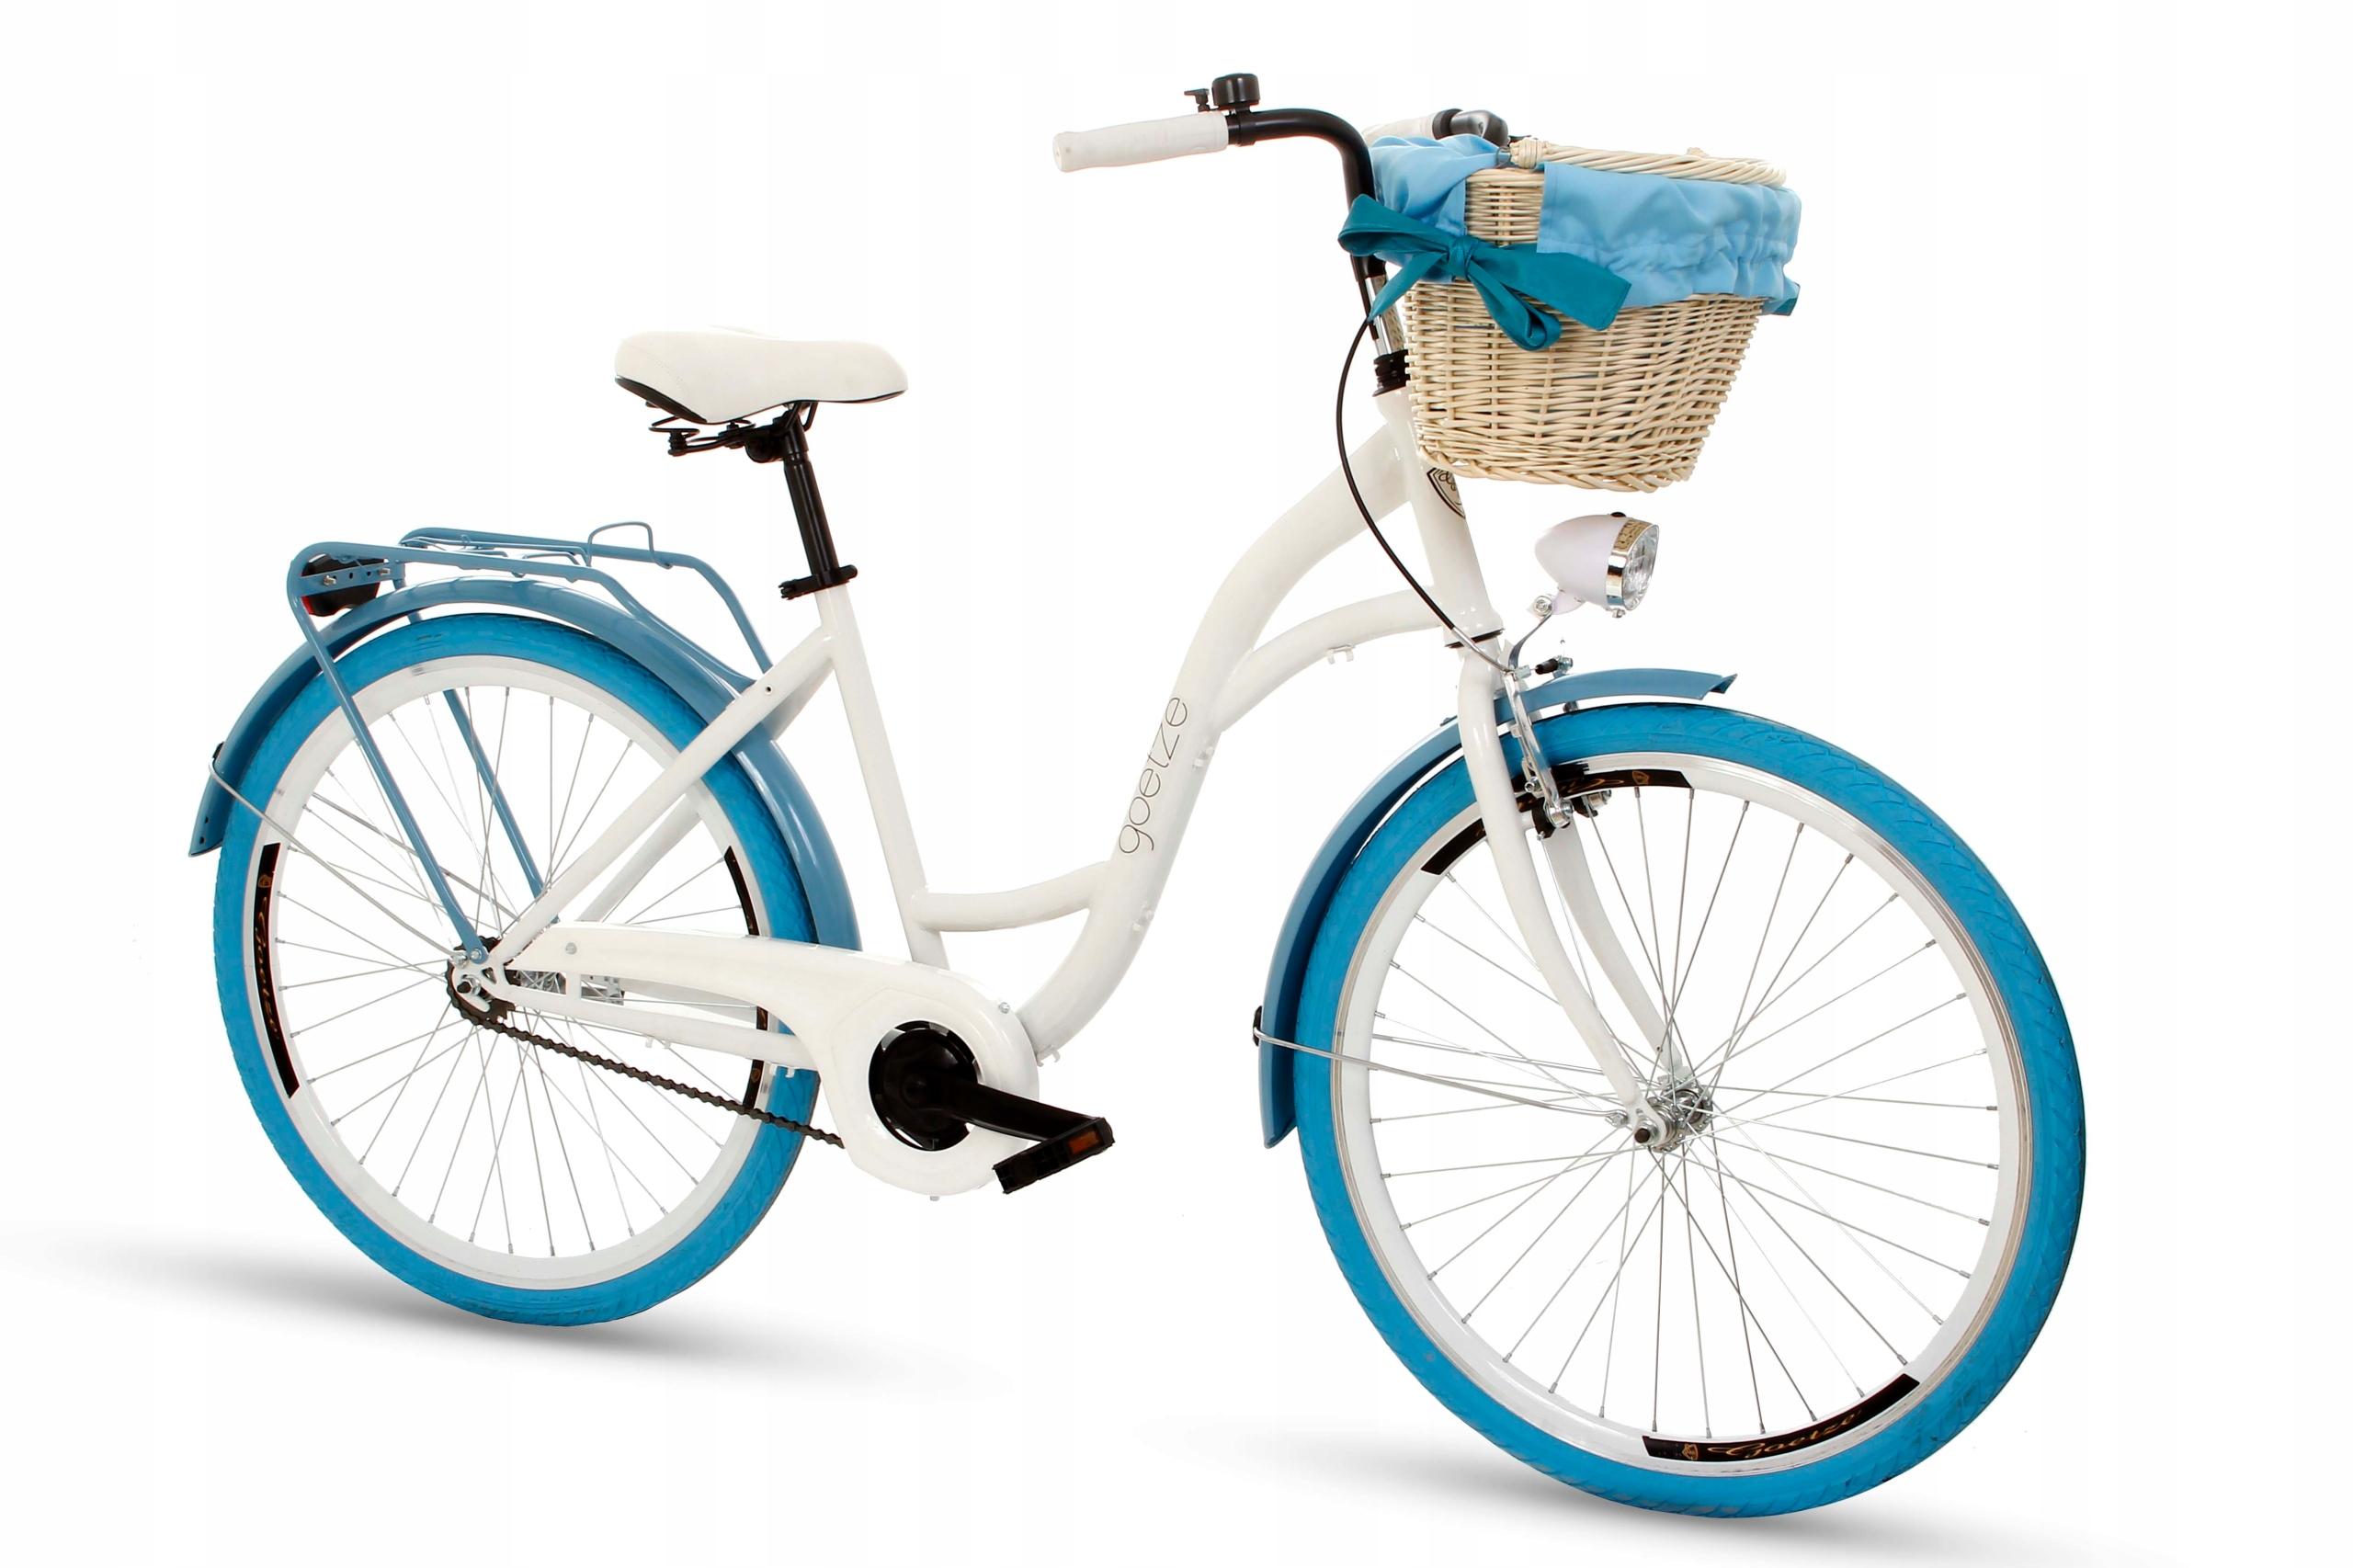 Dámsky mestský bicykel Goetze COLORS 26 košík!  Váha 16 kg